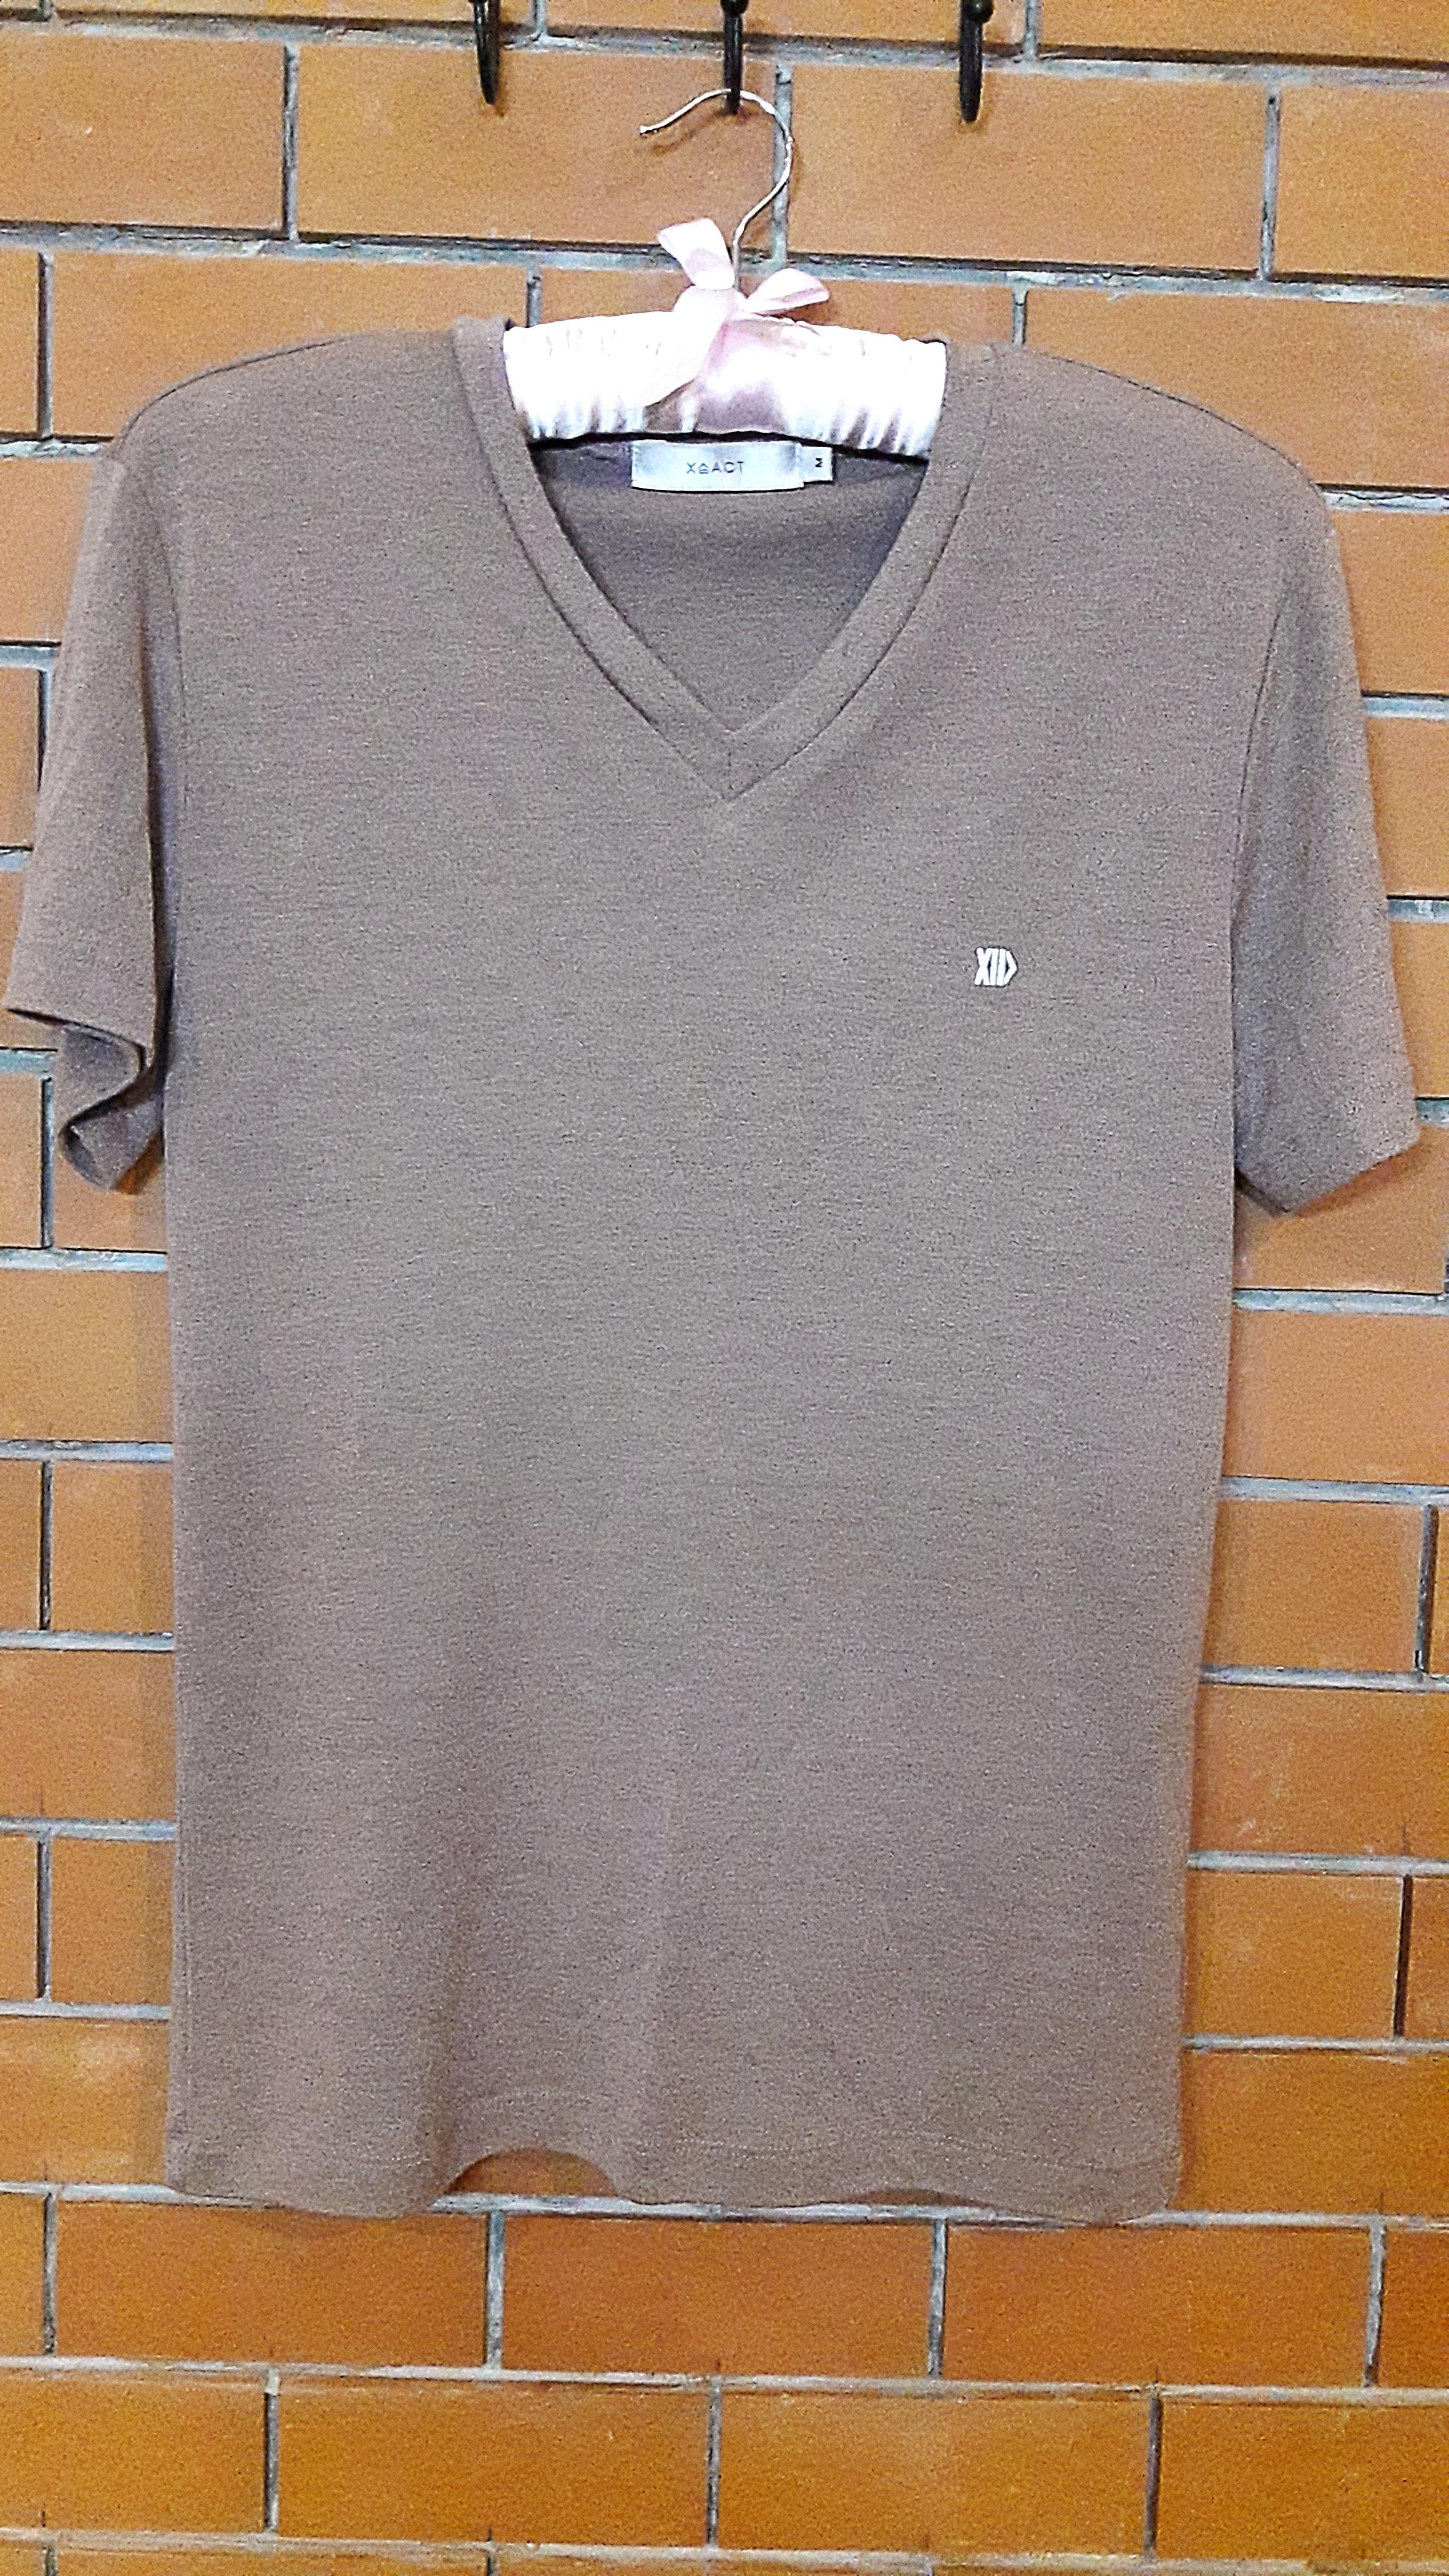 S044 เสื้อผ้ายืดสีน้ำตาล (มือ2 สภาพดี)